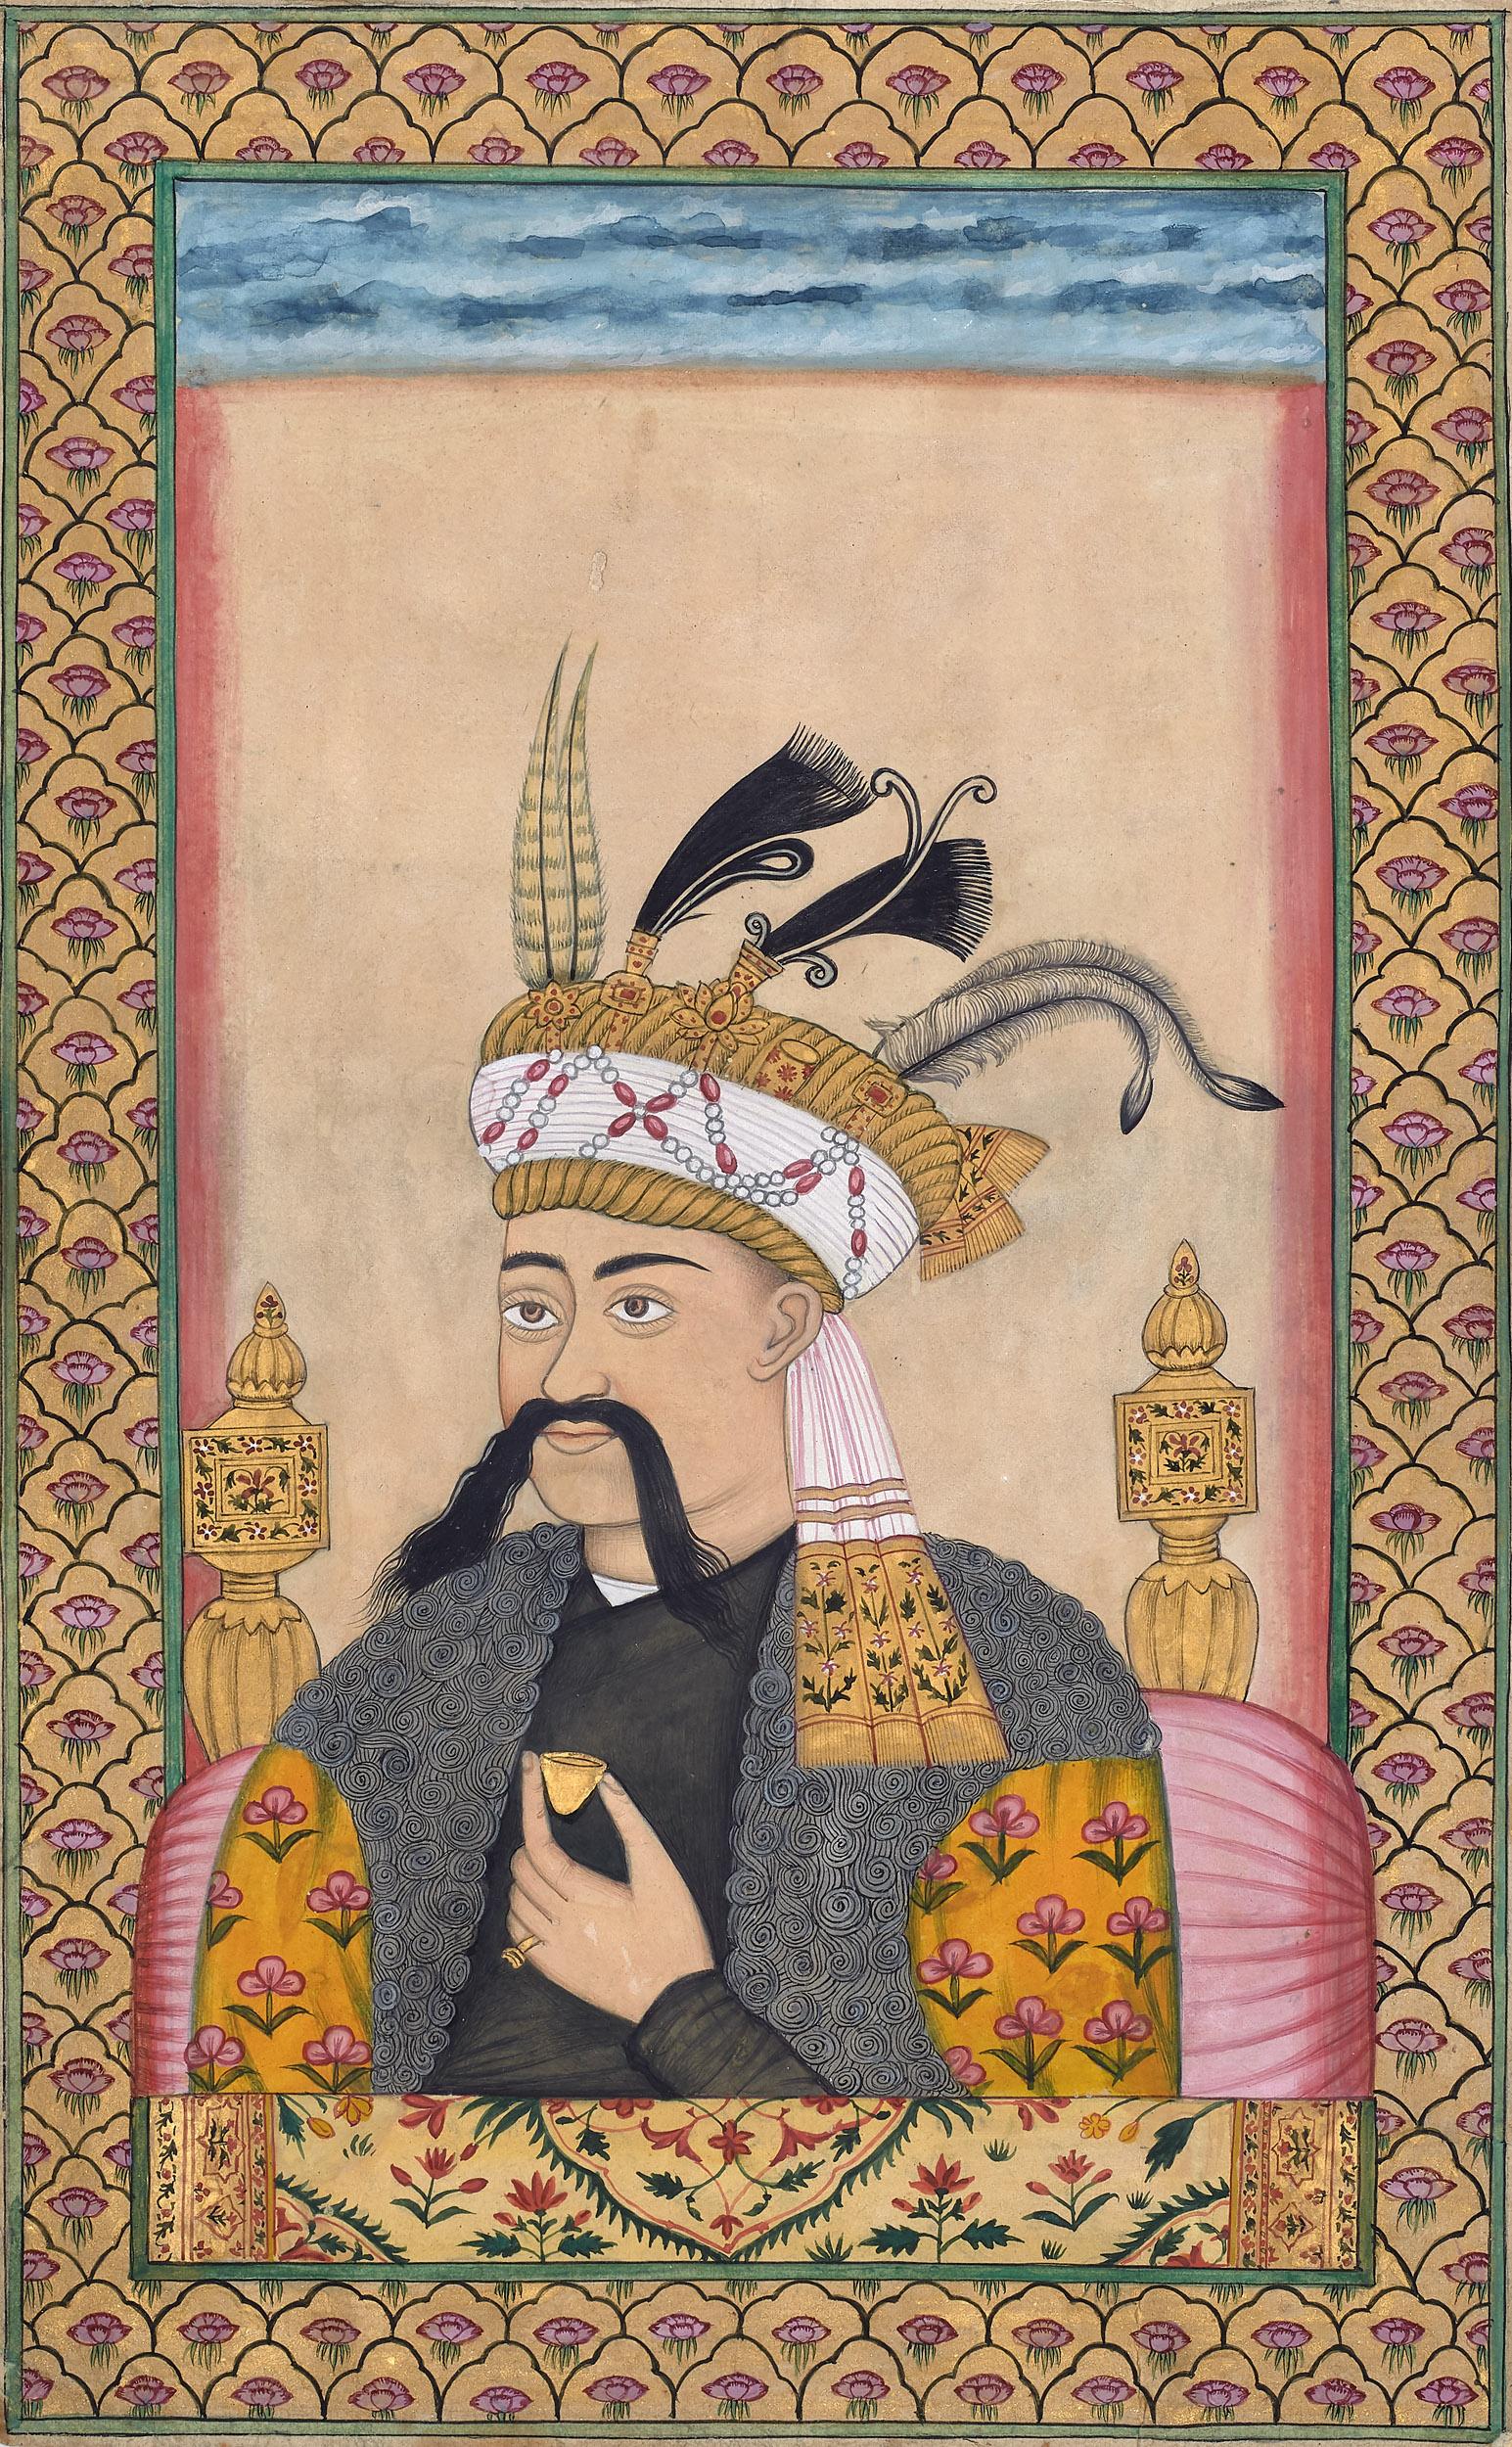 Imam Quli Khan